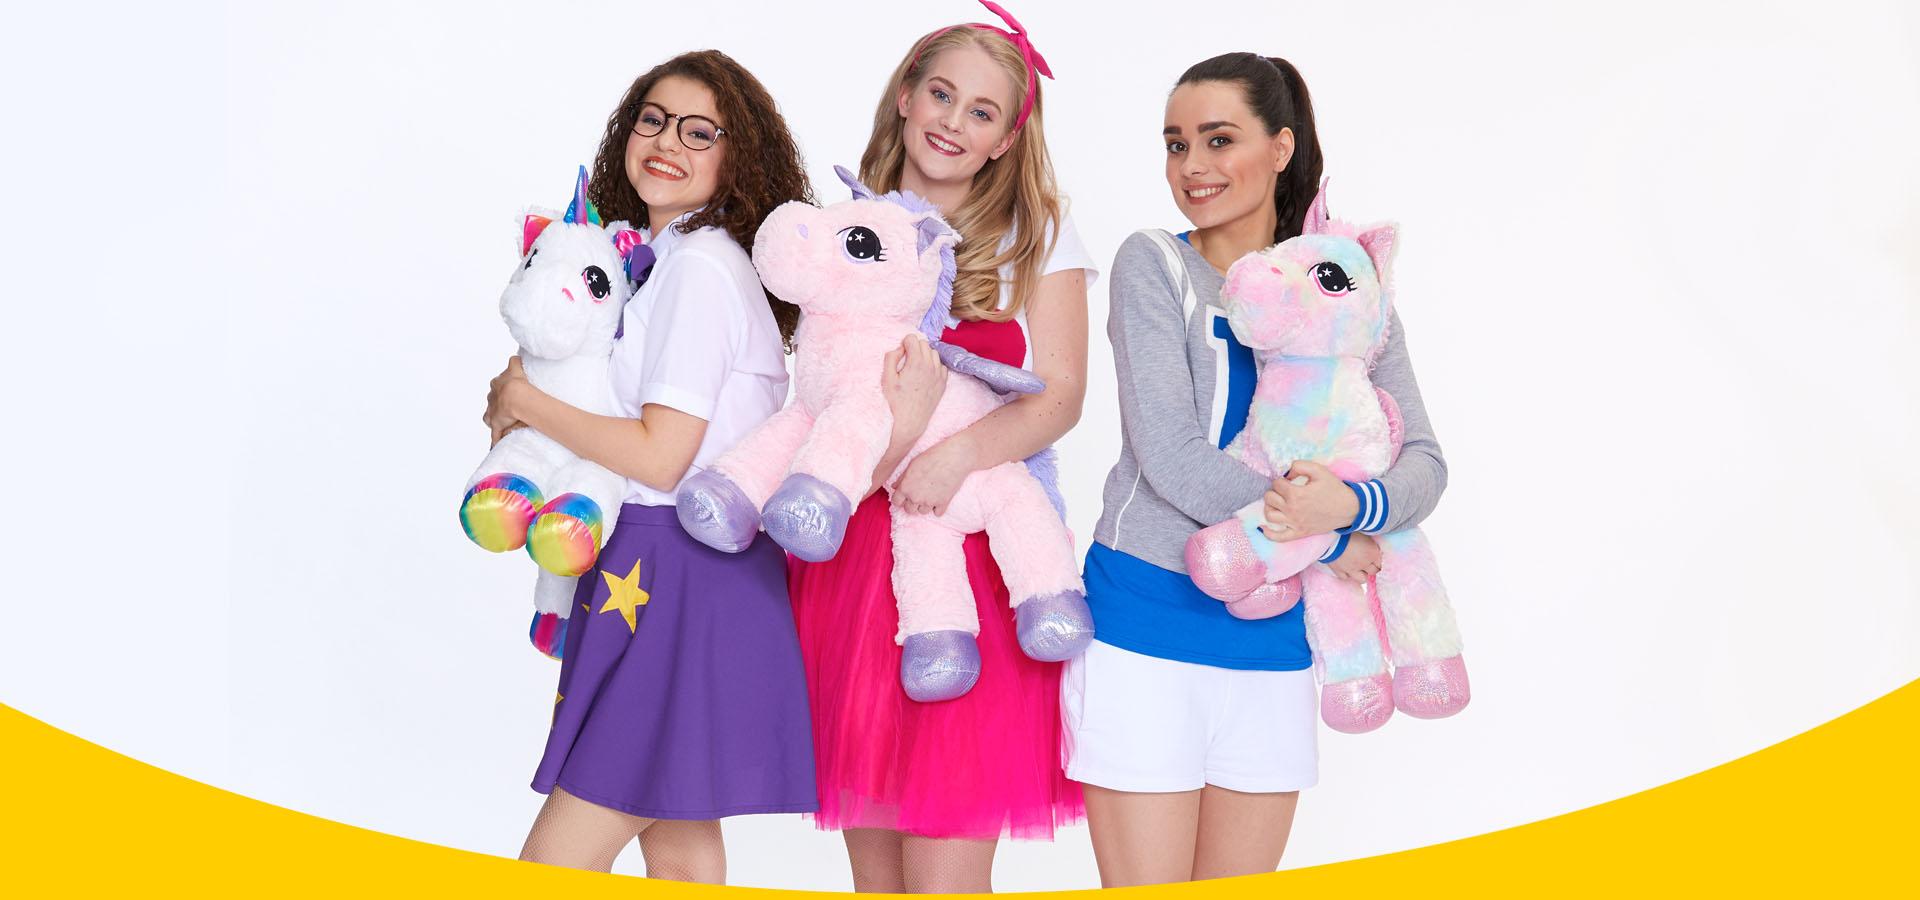 Wij zijn de meiden van Raak! Jess, Nikki en Zoë.